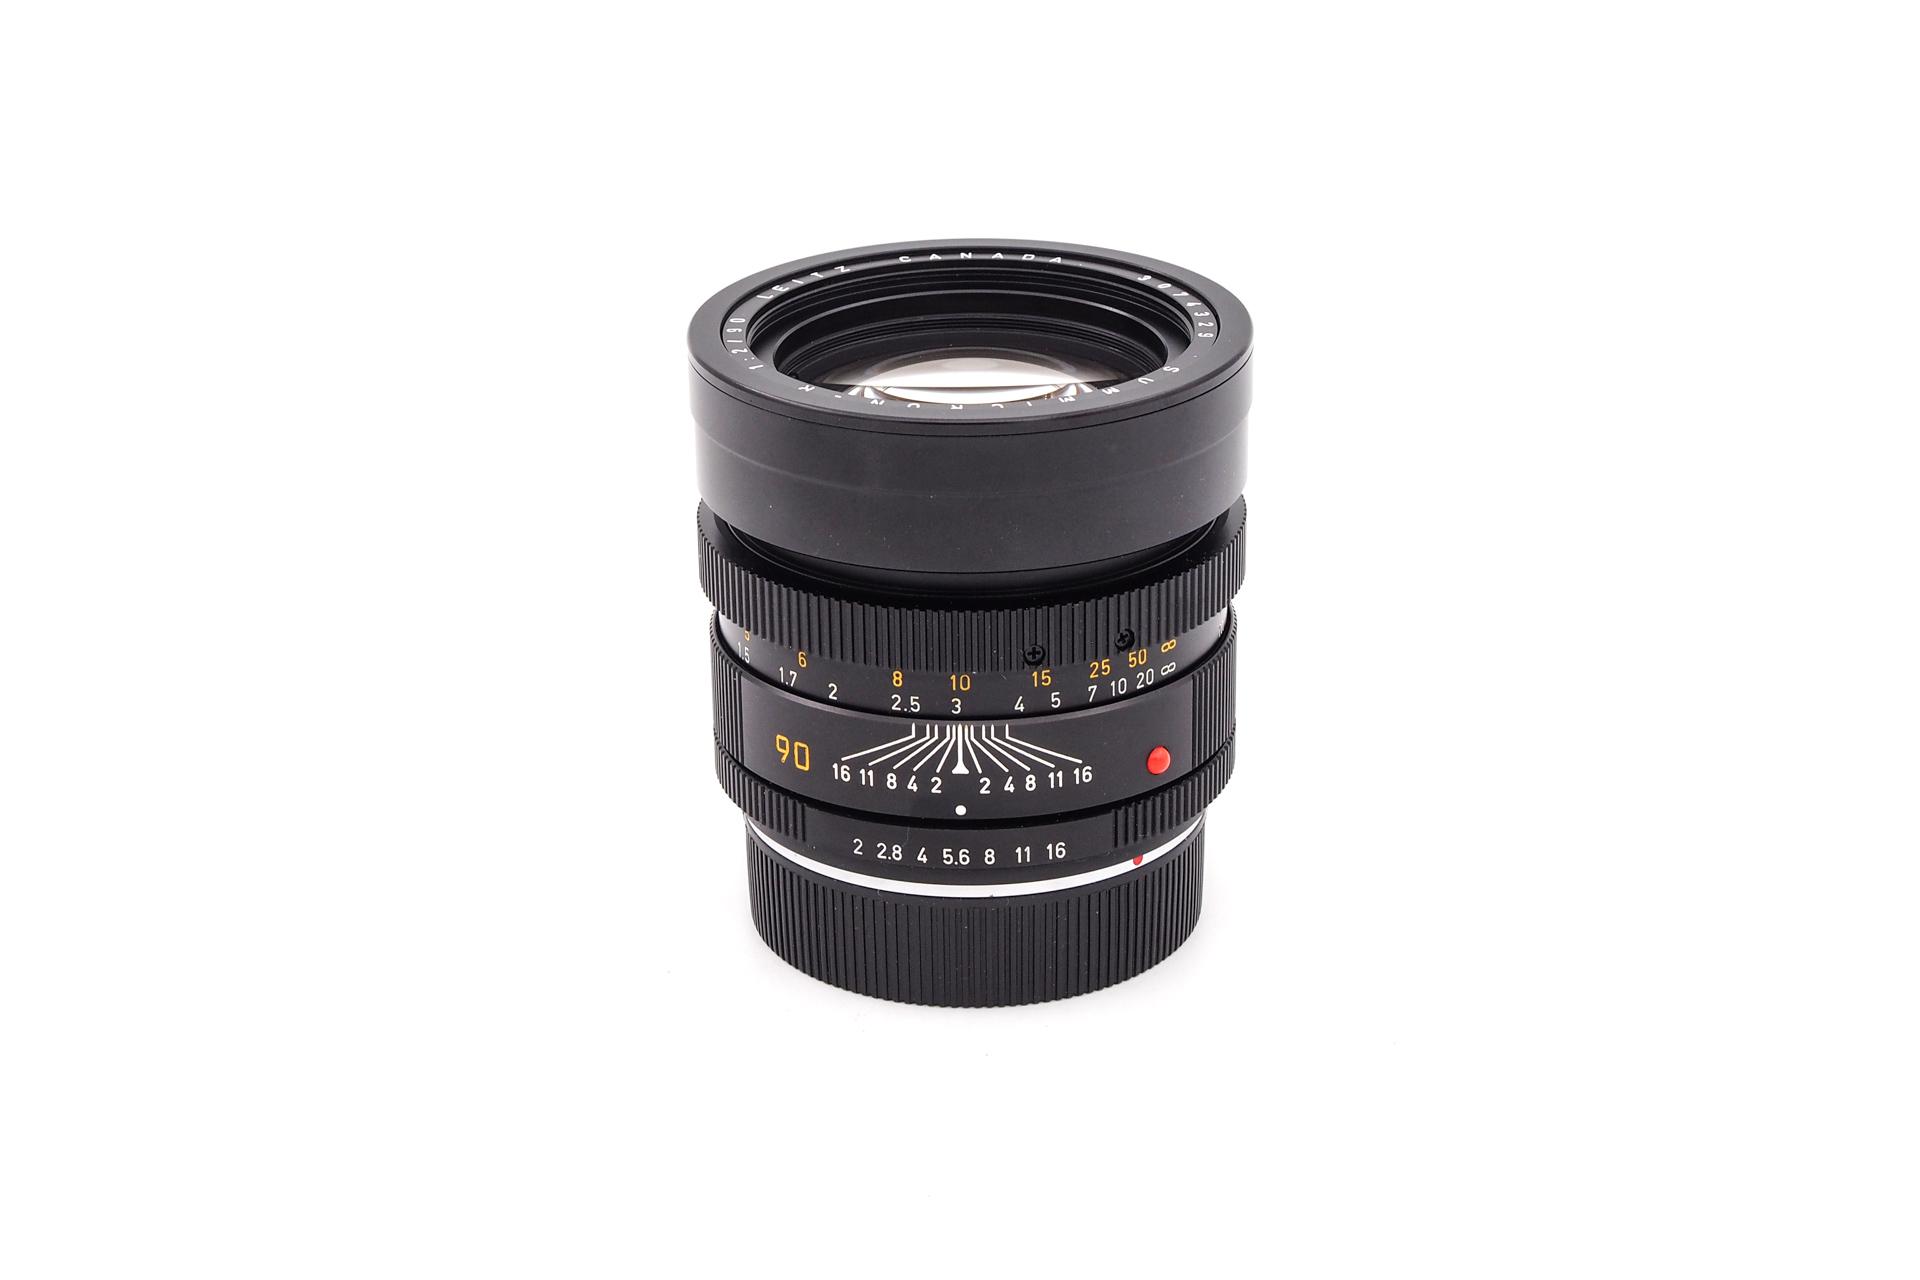 Leica Summicron-R 1:2/90 3-cam